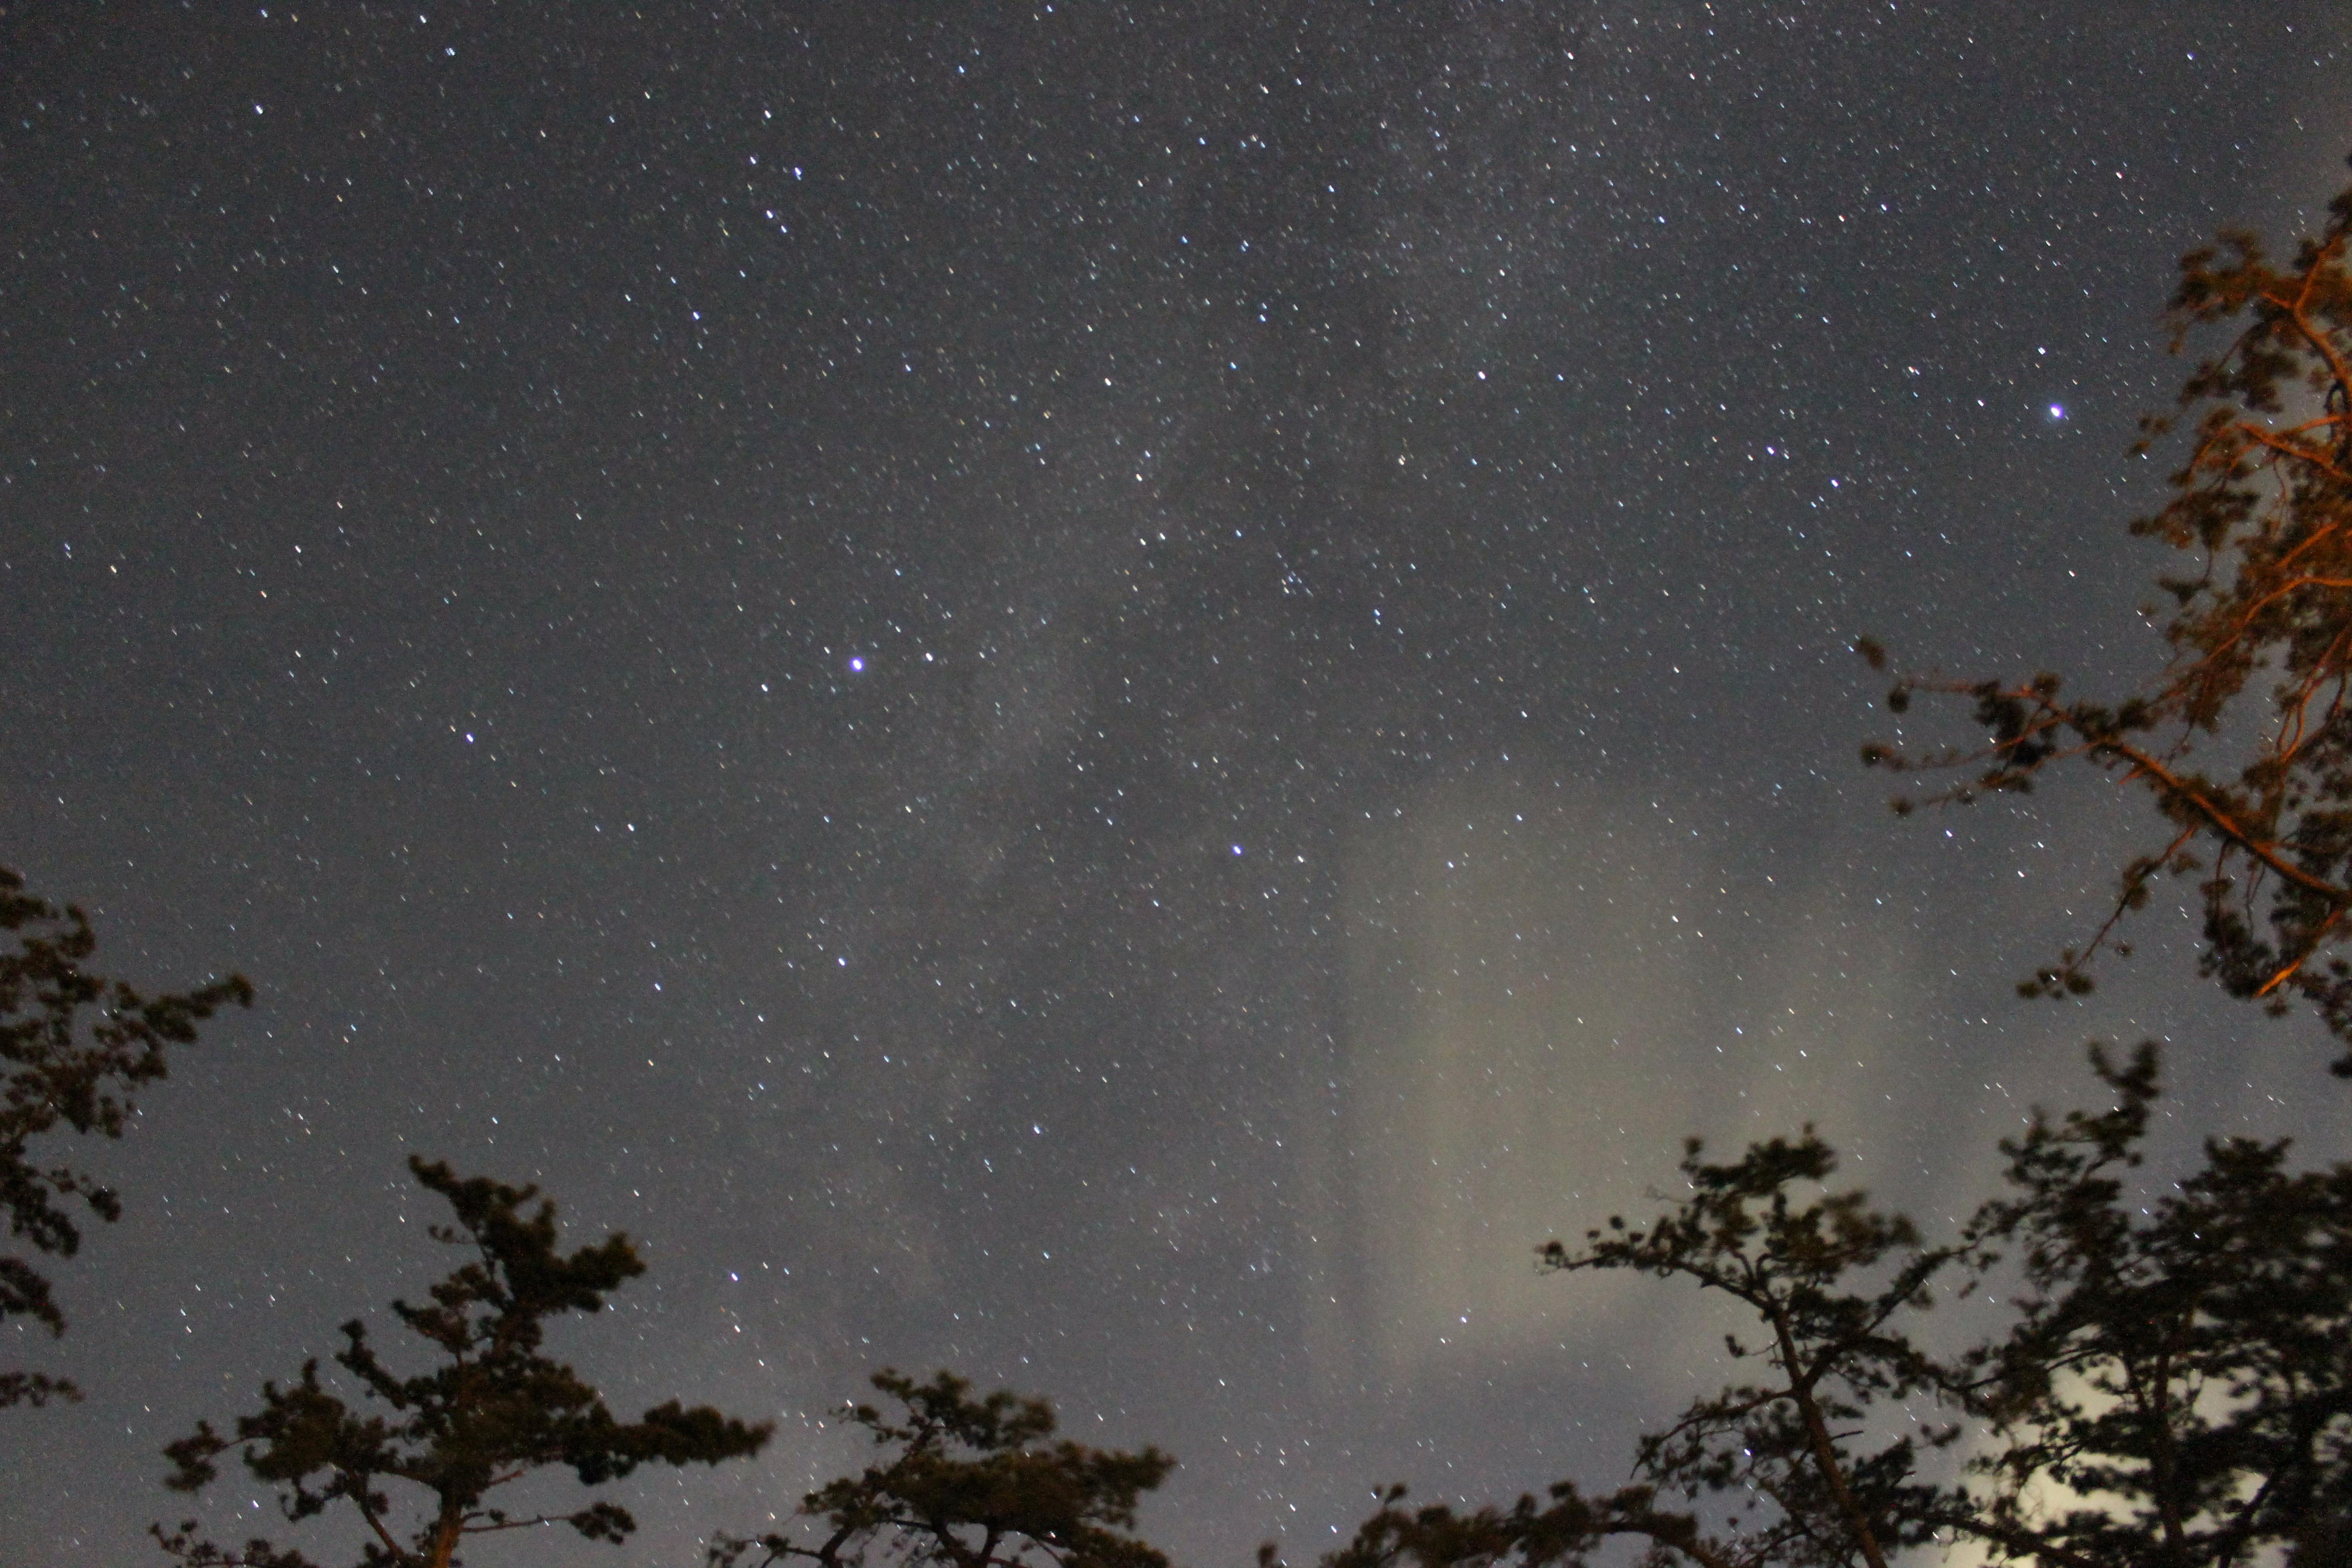 <b>上の写真と同じ露出で撮影。画面に端に入れた木々は周囲の街灯の影響が出ている。また上空にうっすらと雲が出ているため空がやや明るく写った。カメラを向けた方角は南側の空。</b>